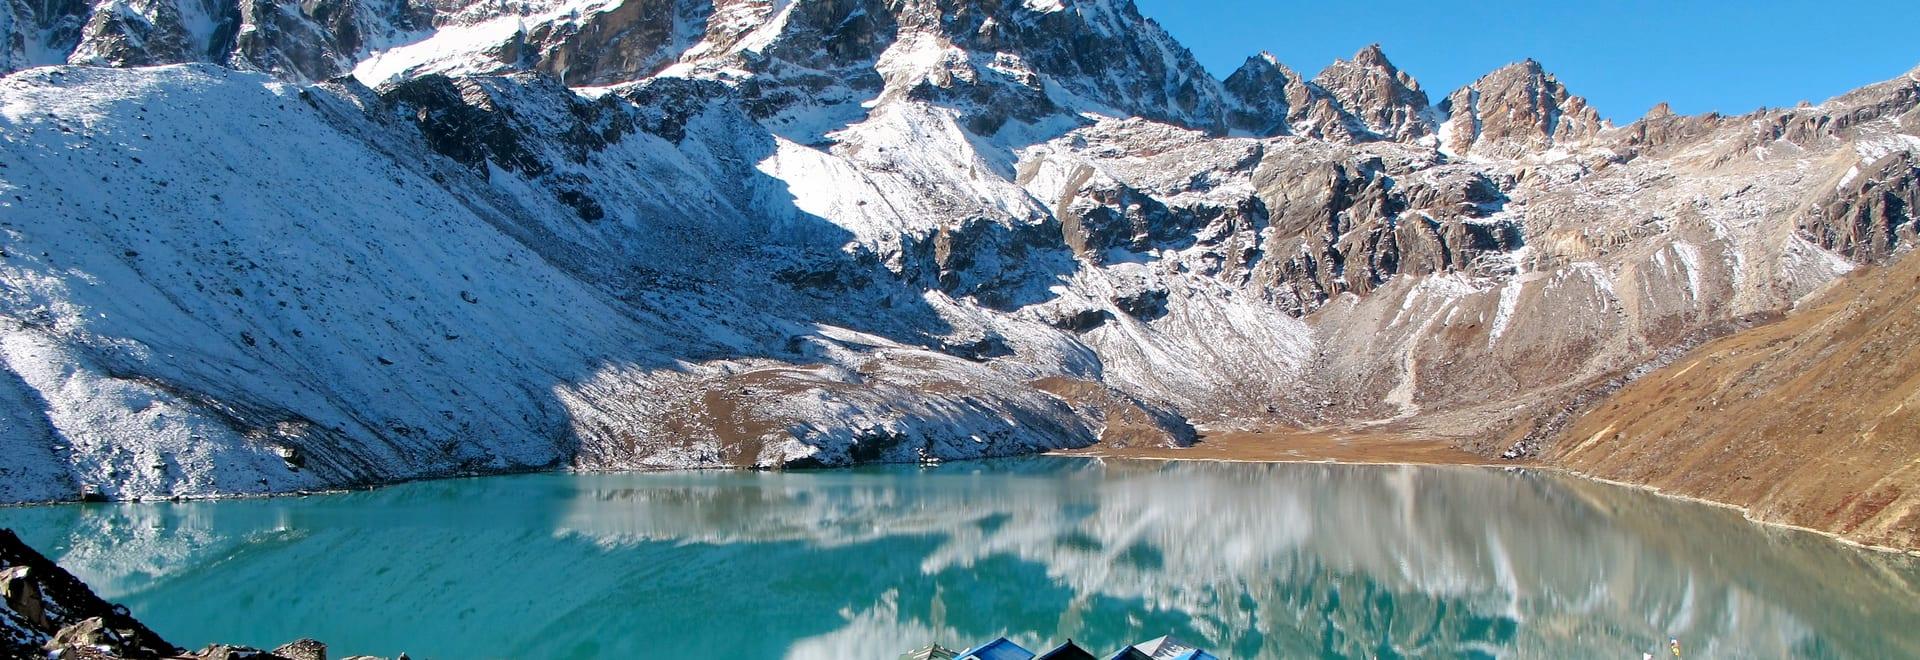 1464186885_944889-nepal.jpg